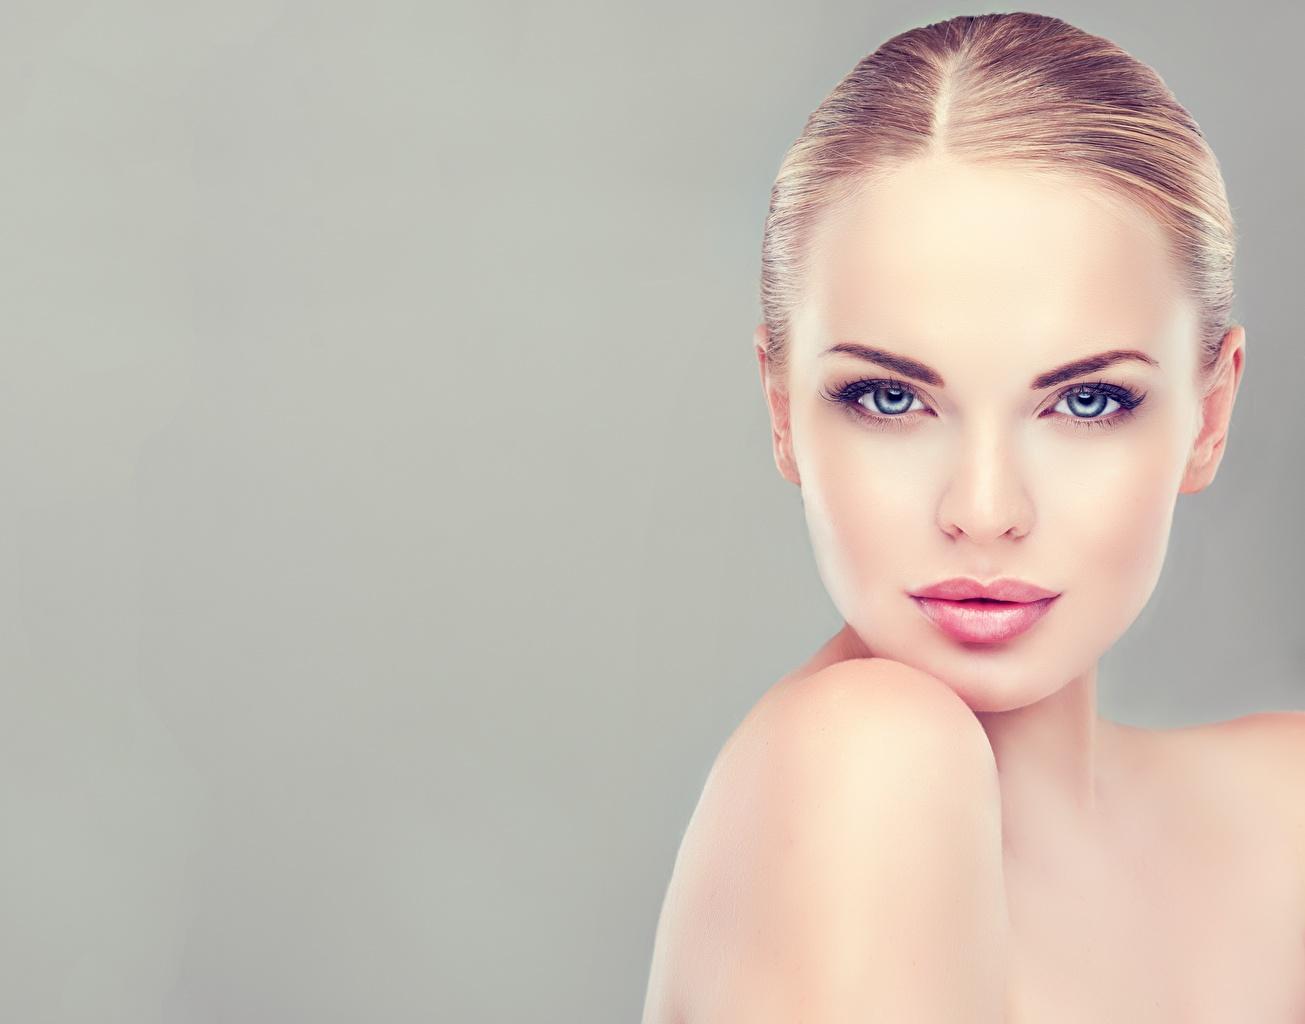 Fotos Model Schminke Schön Gesicht Mädchens Blick Grauer Hintergrund Make Up hübsch schöne hübsche schöner schönes hübscher junge frau junge Frauen Starren